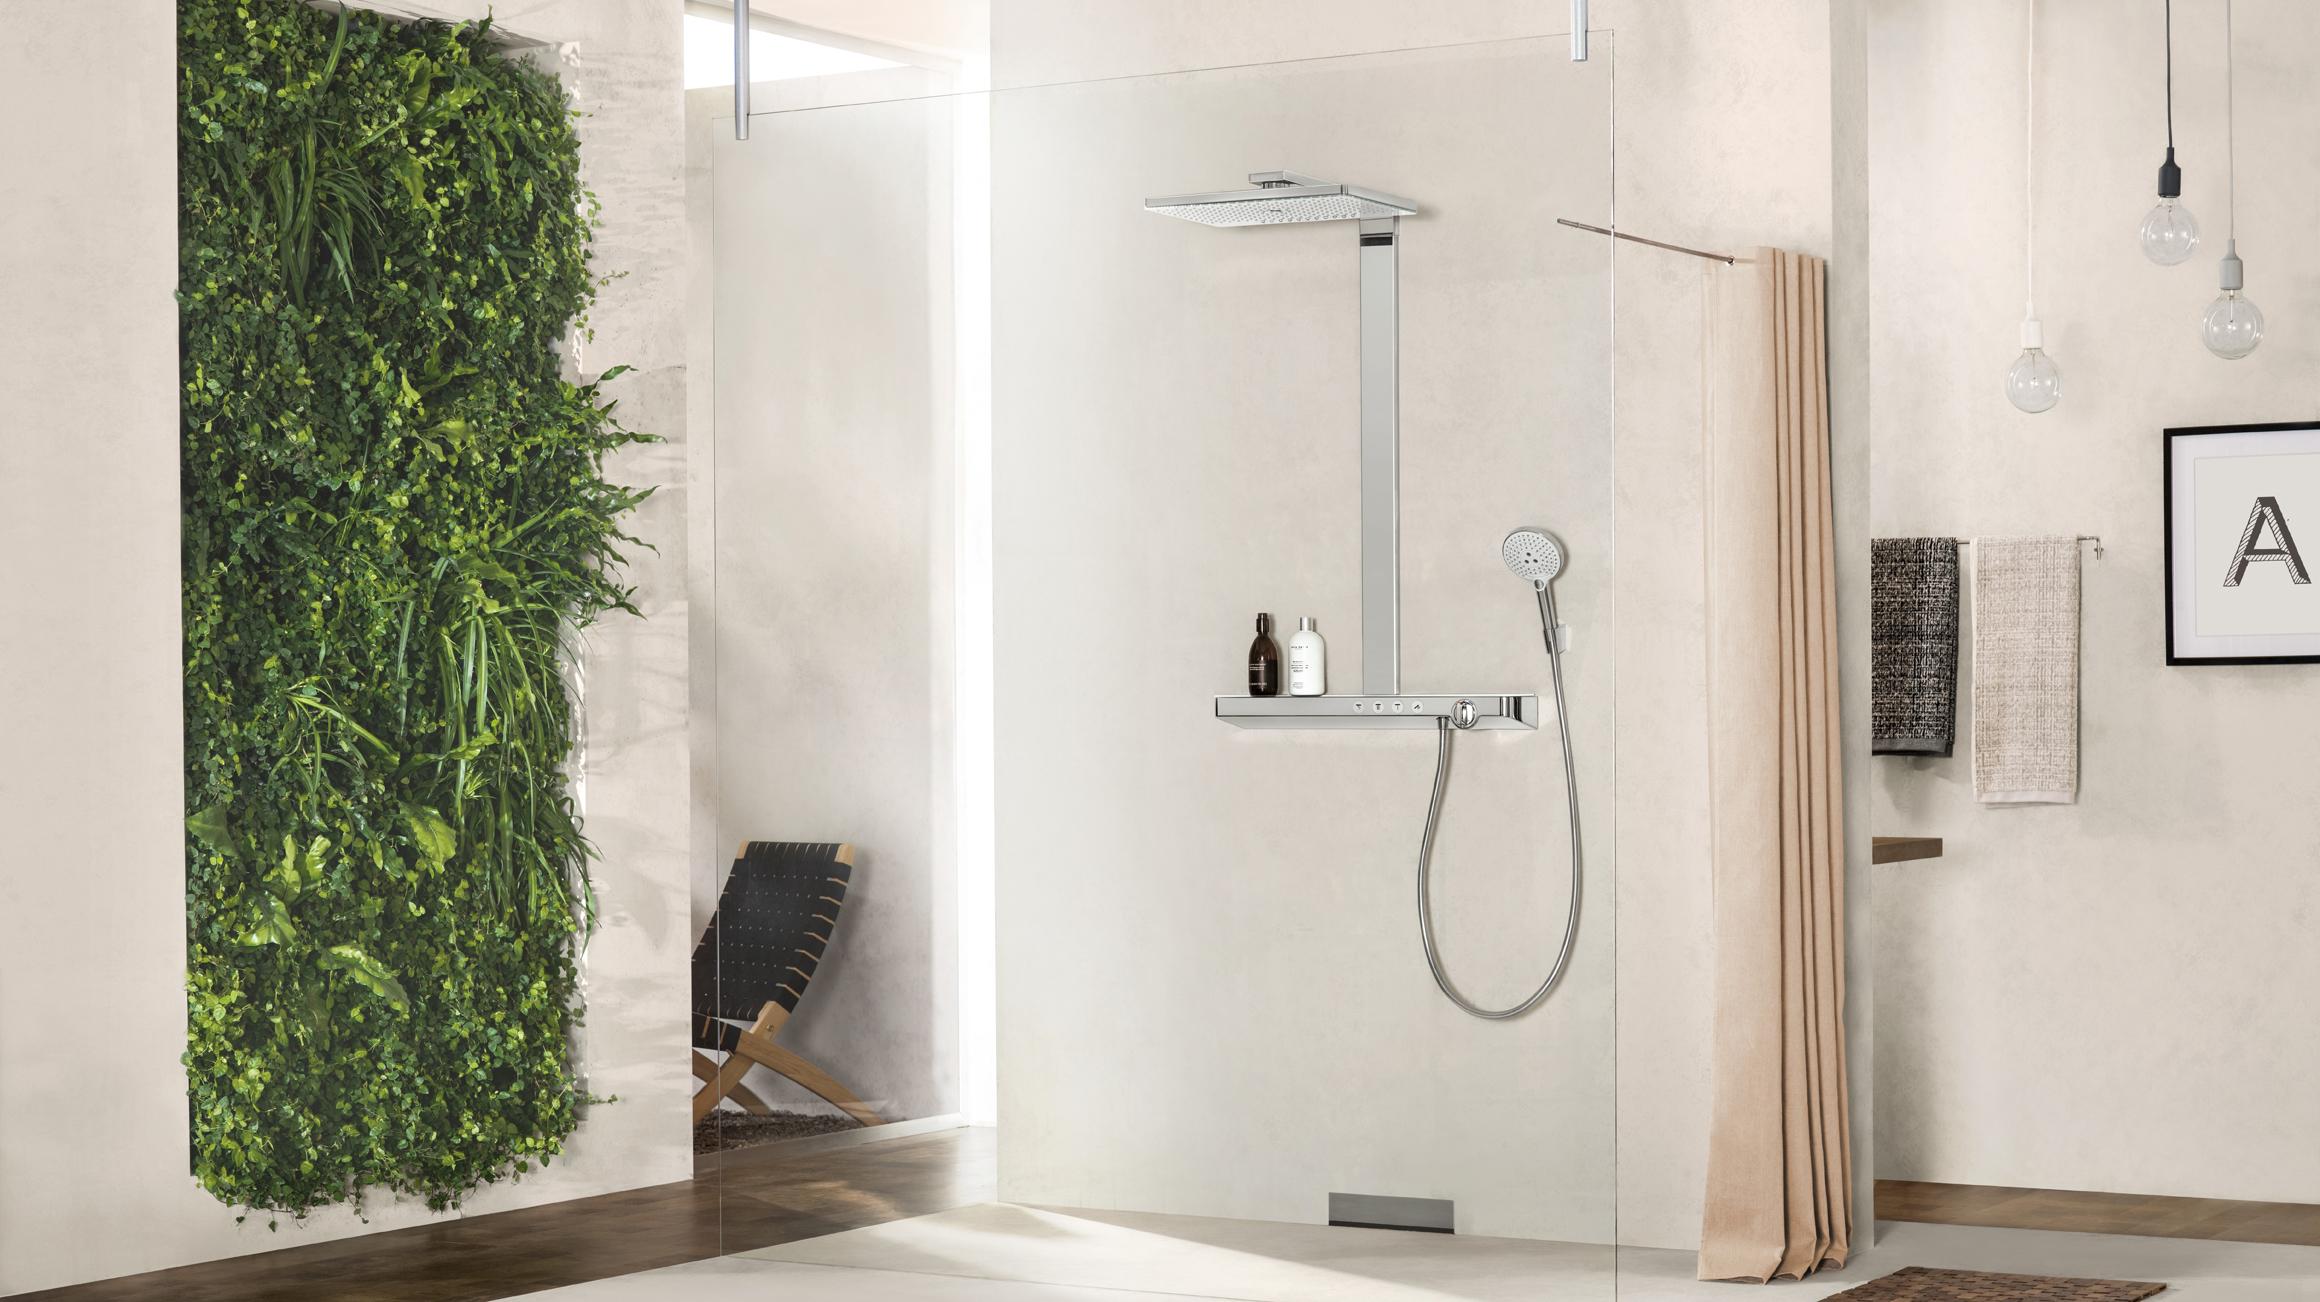 Moderne badkamer met regendouche voor maximaal watergenot